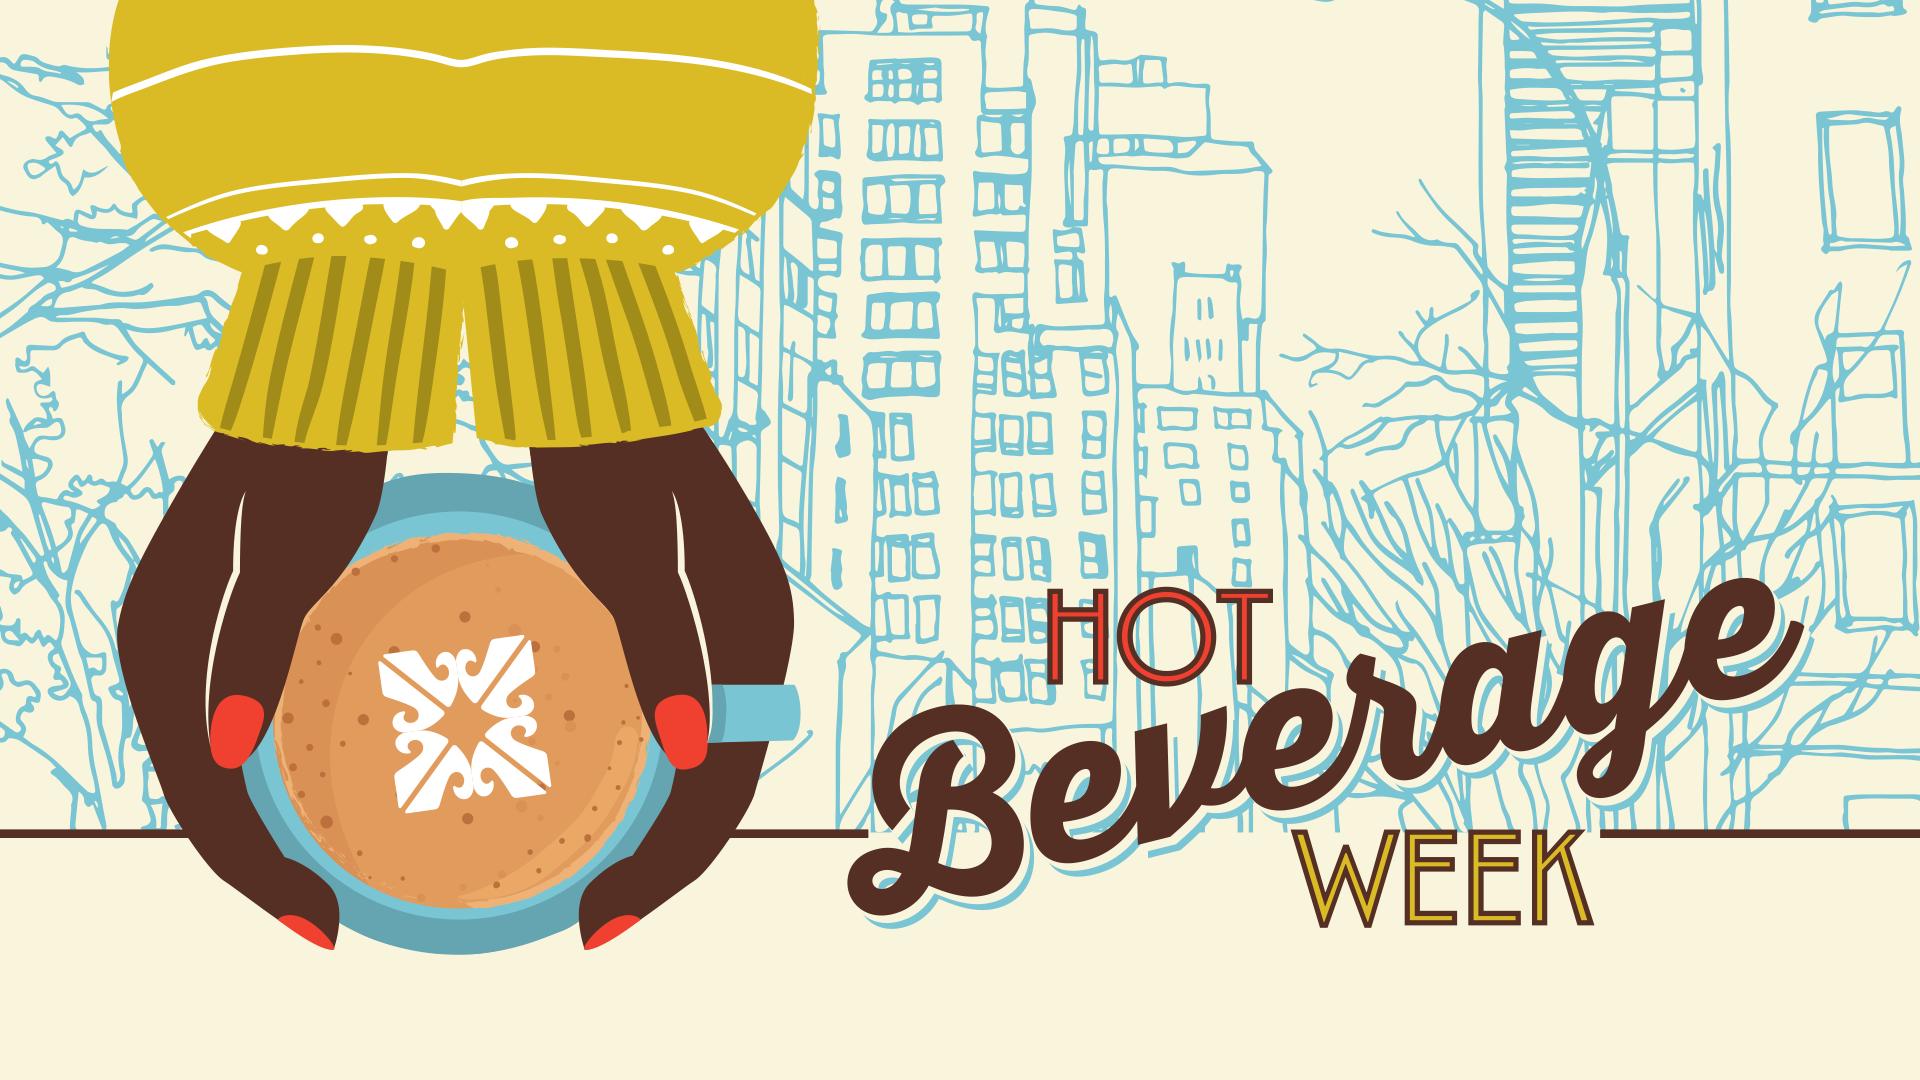 Hot Beverage Week 2020